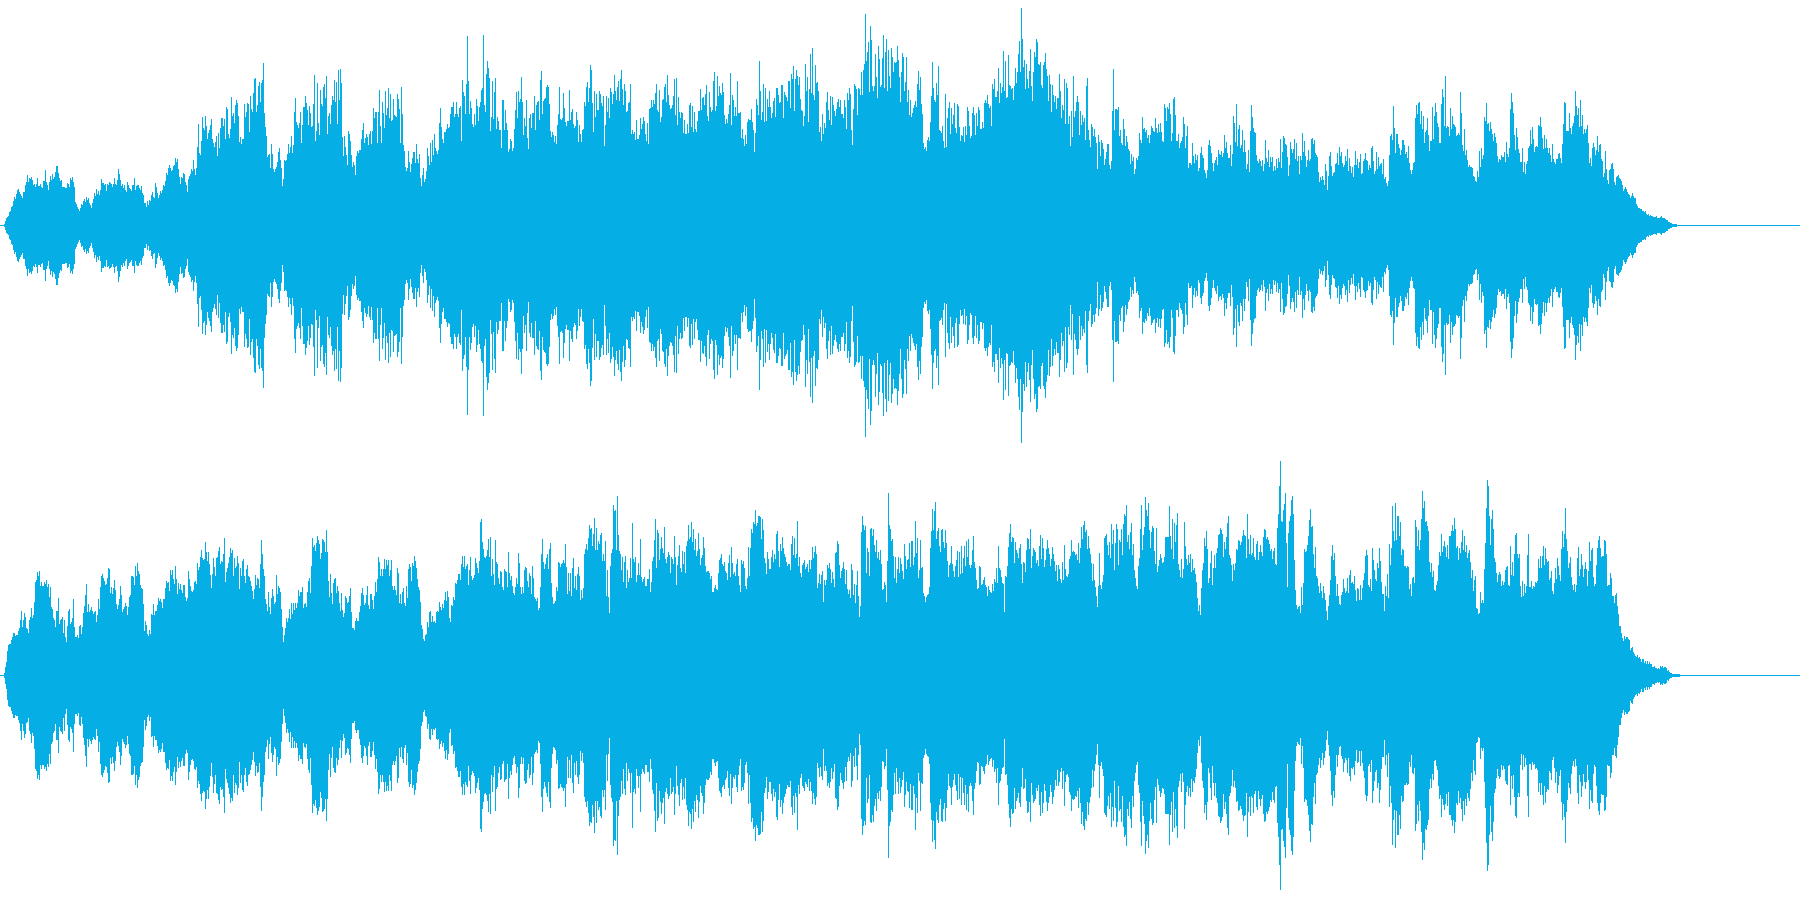 シンプルなストリングスBGMの再生済みの波形